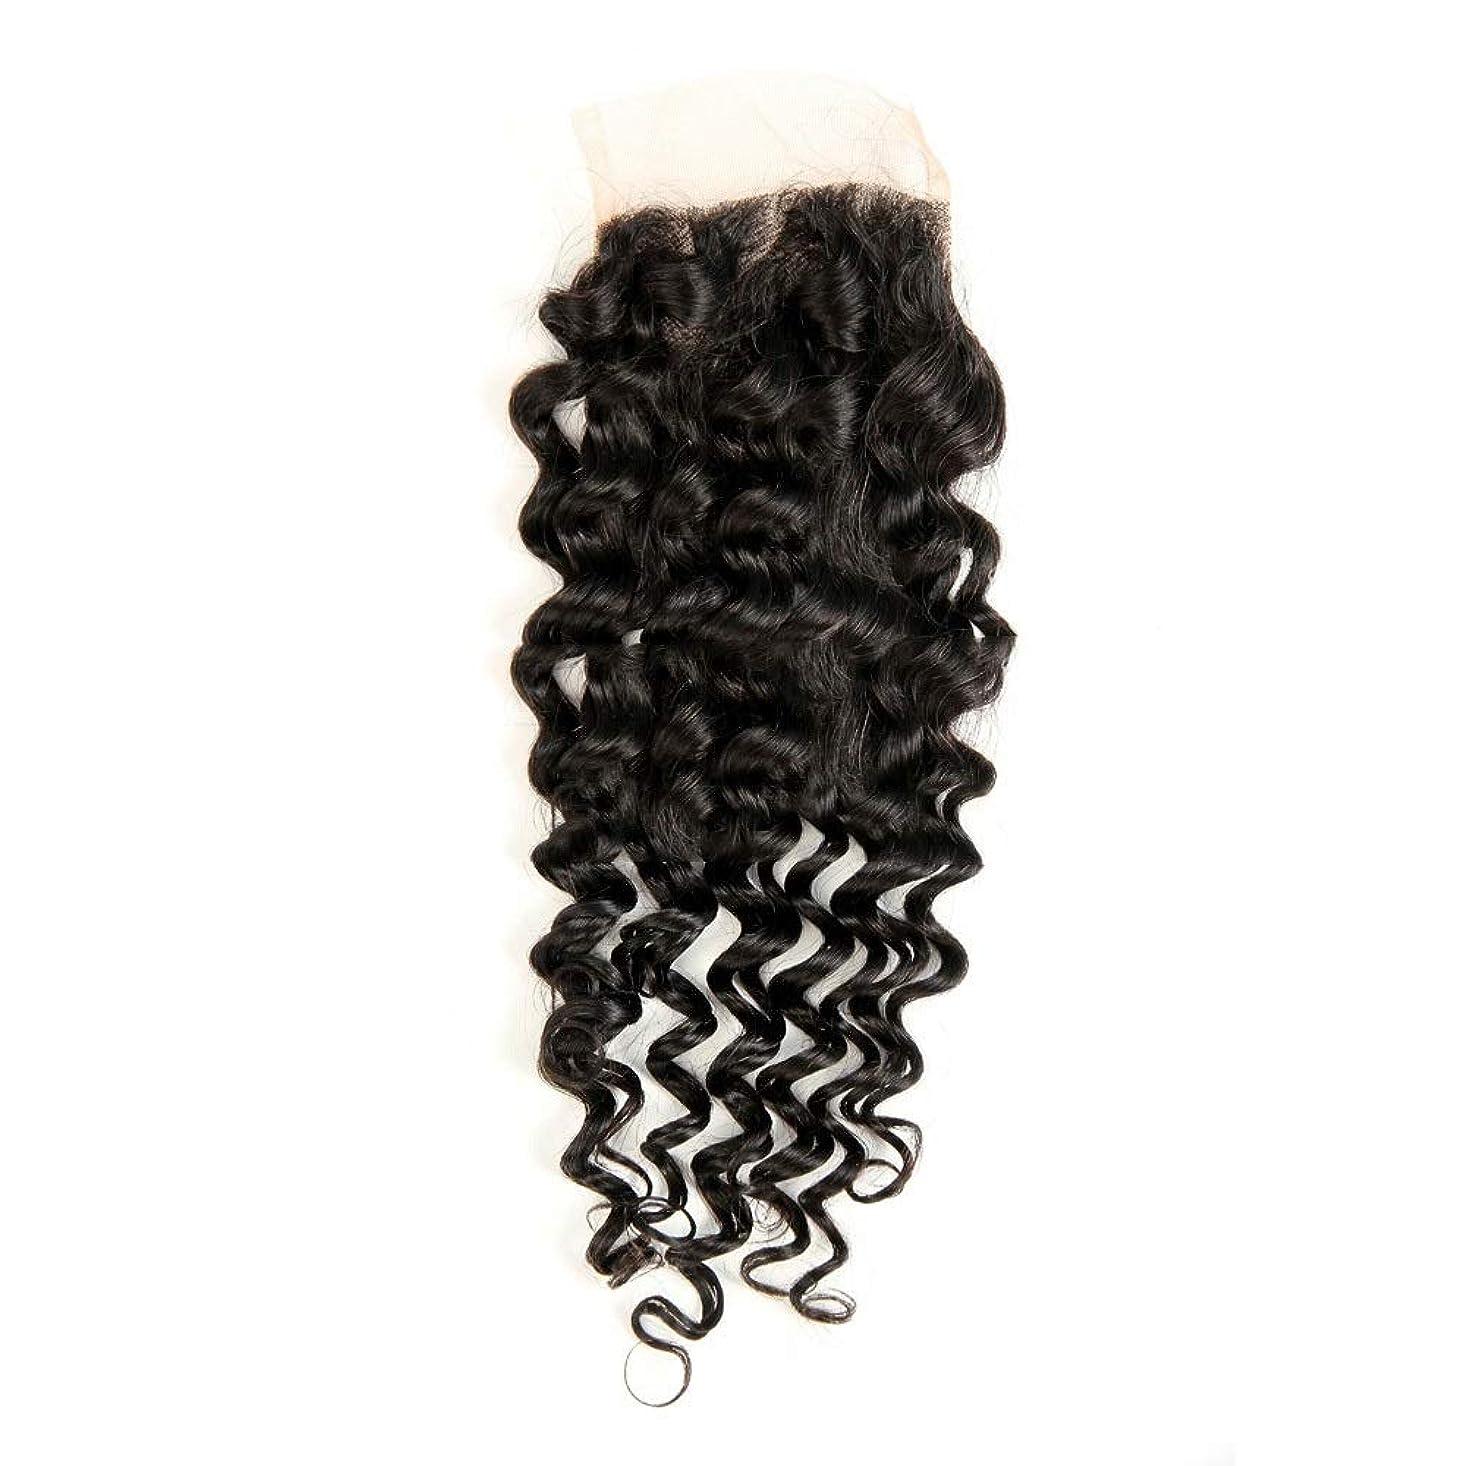 アロング批判ラオス人WASAIO 4×4インチディープウェーブレース閉鎖ブラジルバージンレミー人間の髪の毛の閉鎖ナチュラルカラーウィッグ (サイズ : 18 inch)